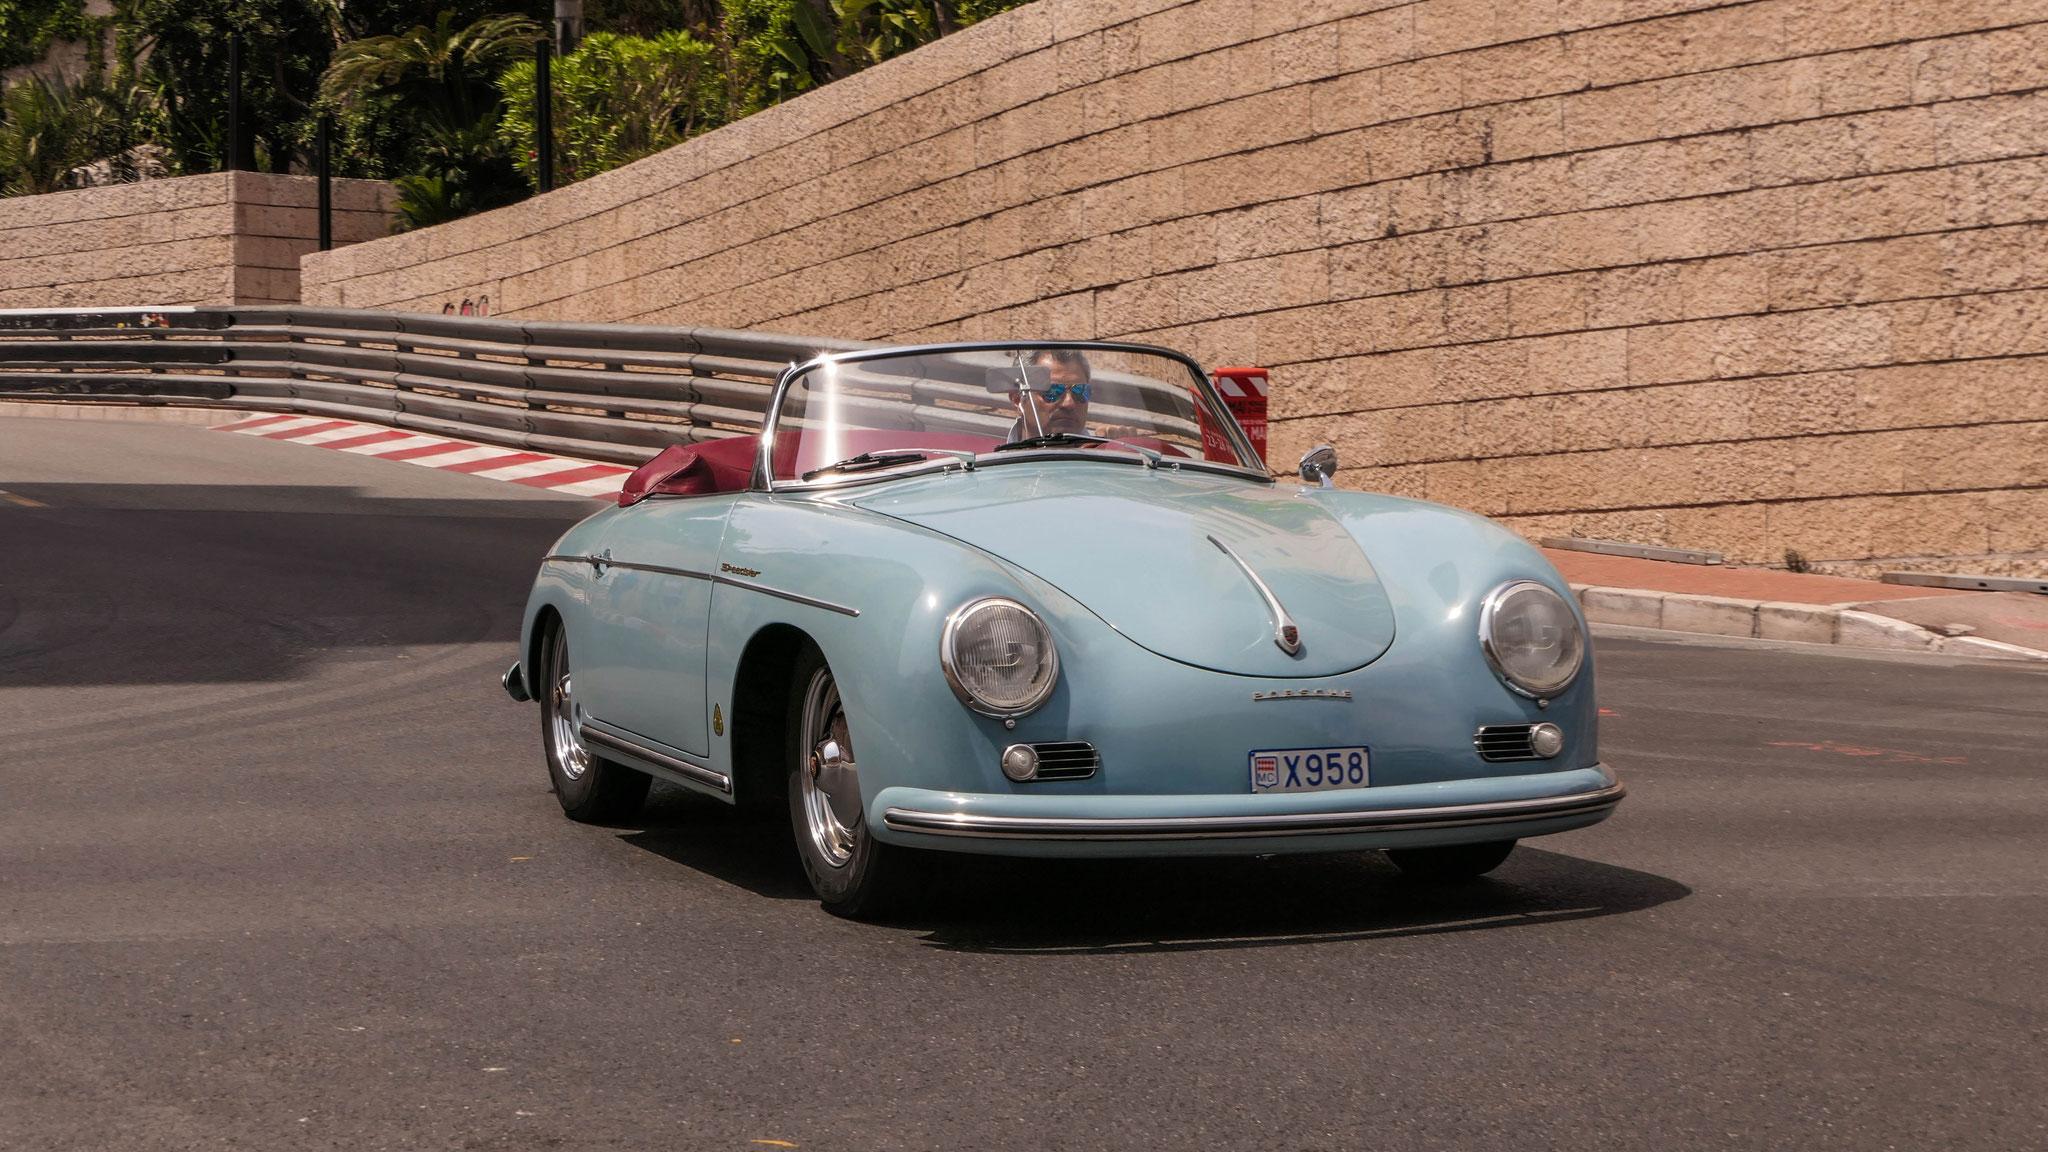 Porsche 356 1600 Super Speedster - X958 (MC)